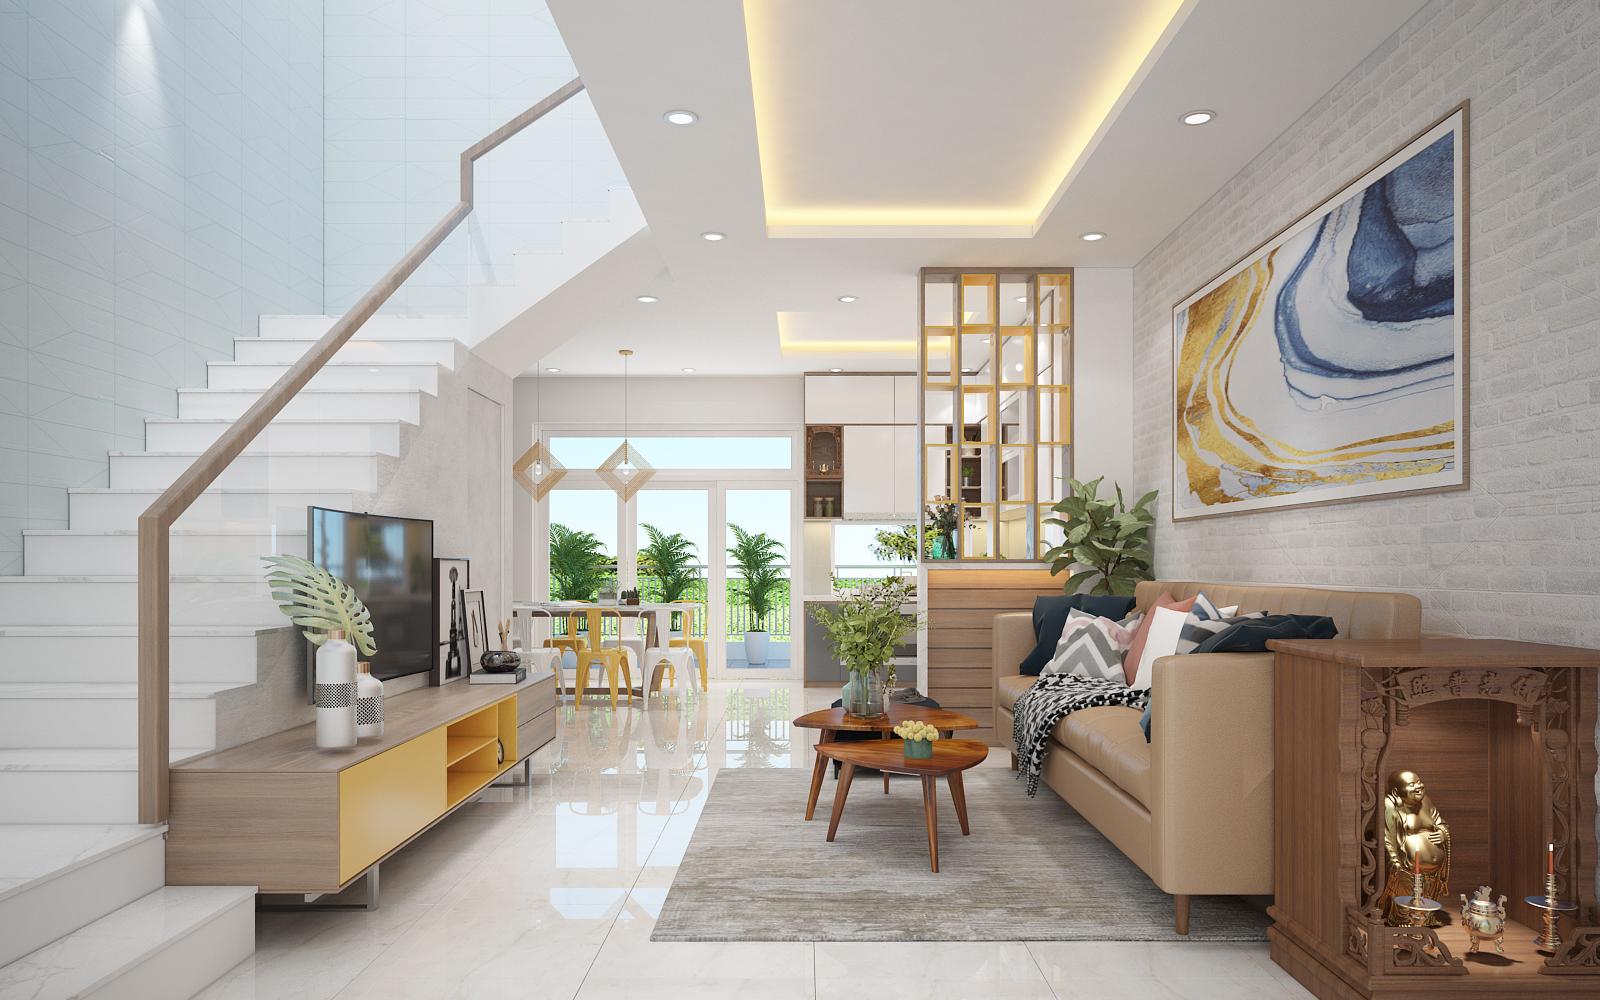 thiết kế nội thất Nhà Mặt Phố tại Hồ Chí Minh CĂN C40 RIOVISTA, PHƯỜNG PHƯỚC LONG B, QUẬN 9 3 1568266467